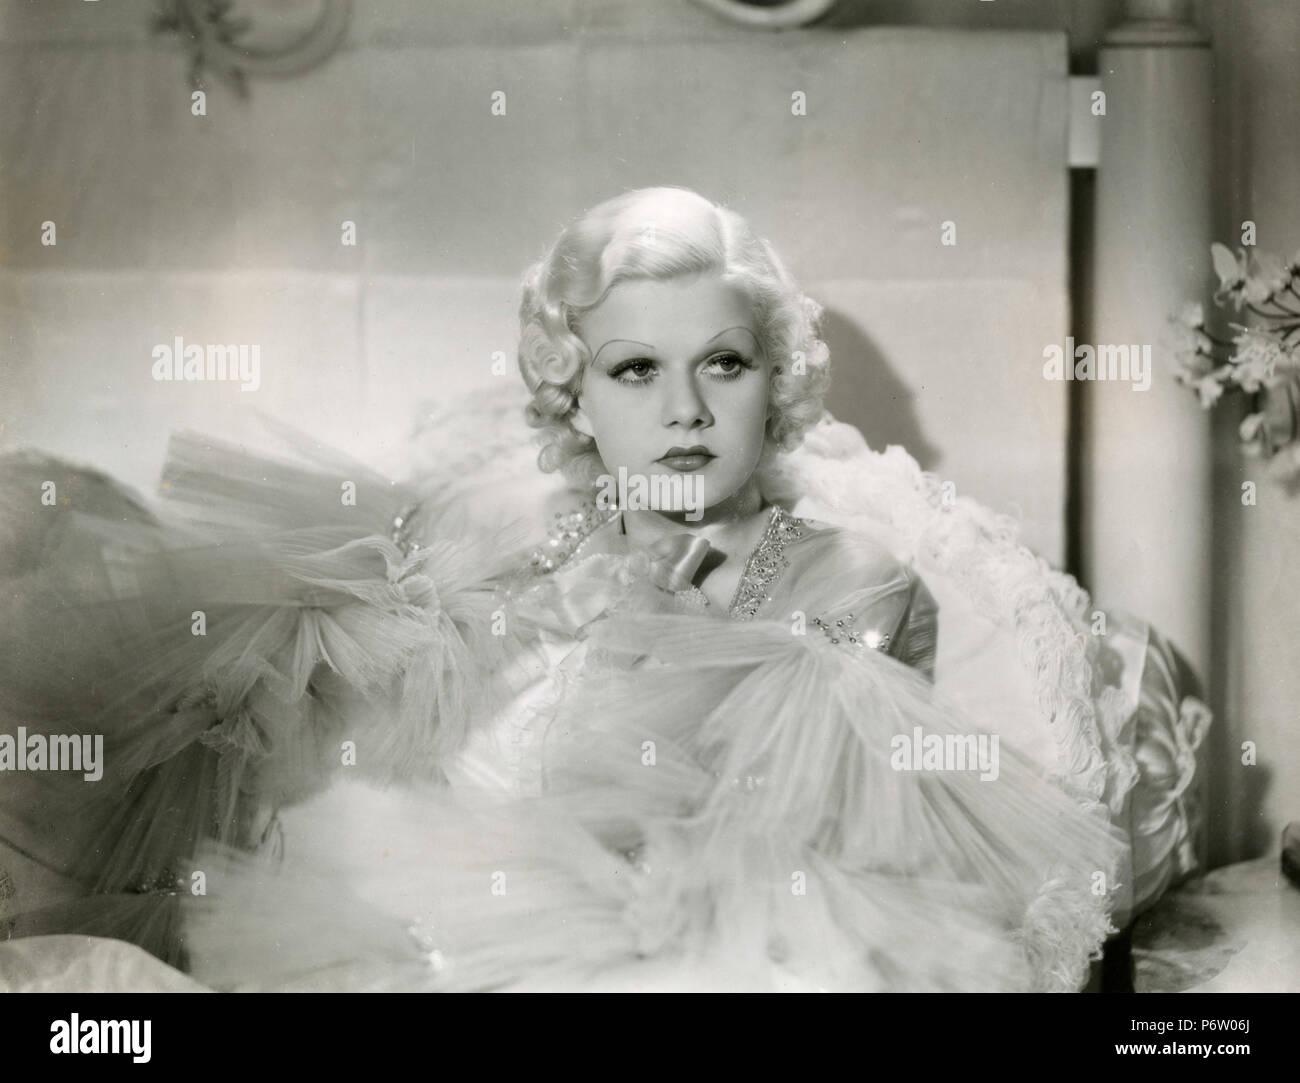 1940s Dress Stockfotos & 1940s Dress Bilder - Alamy